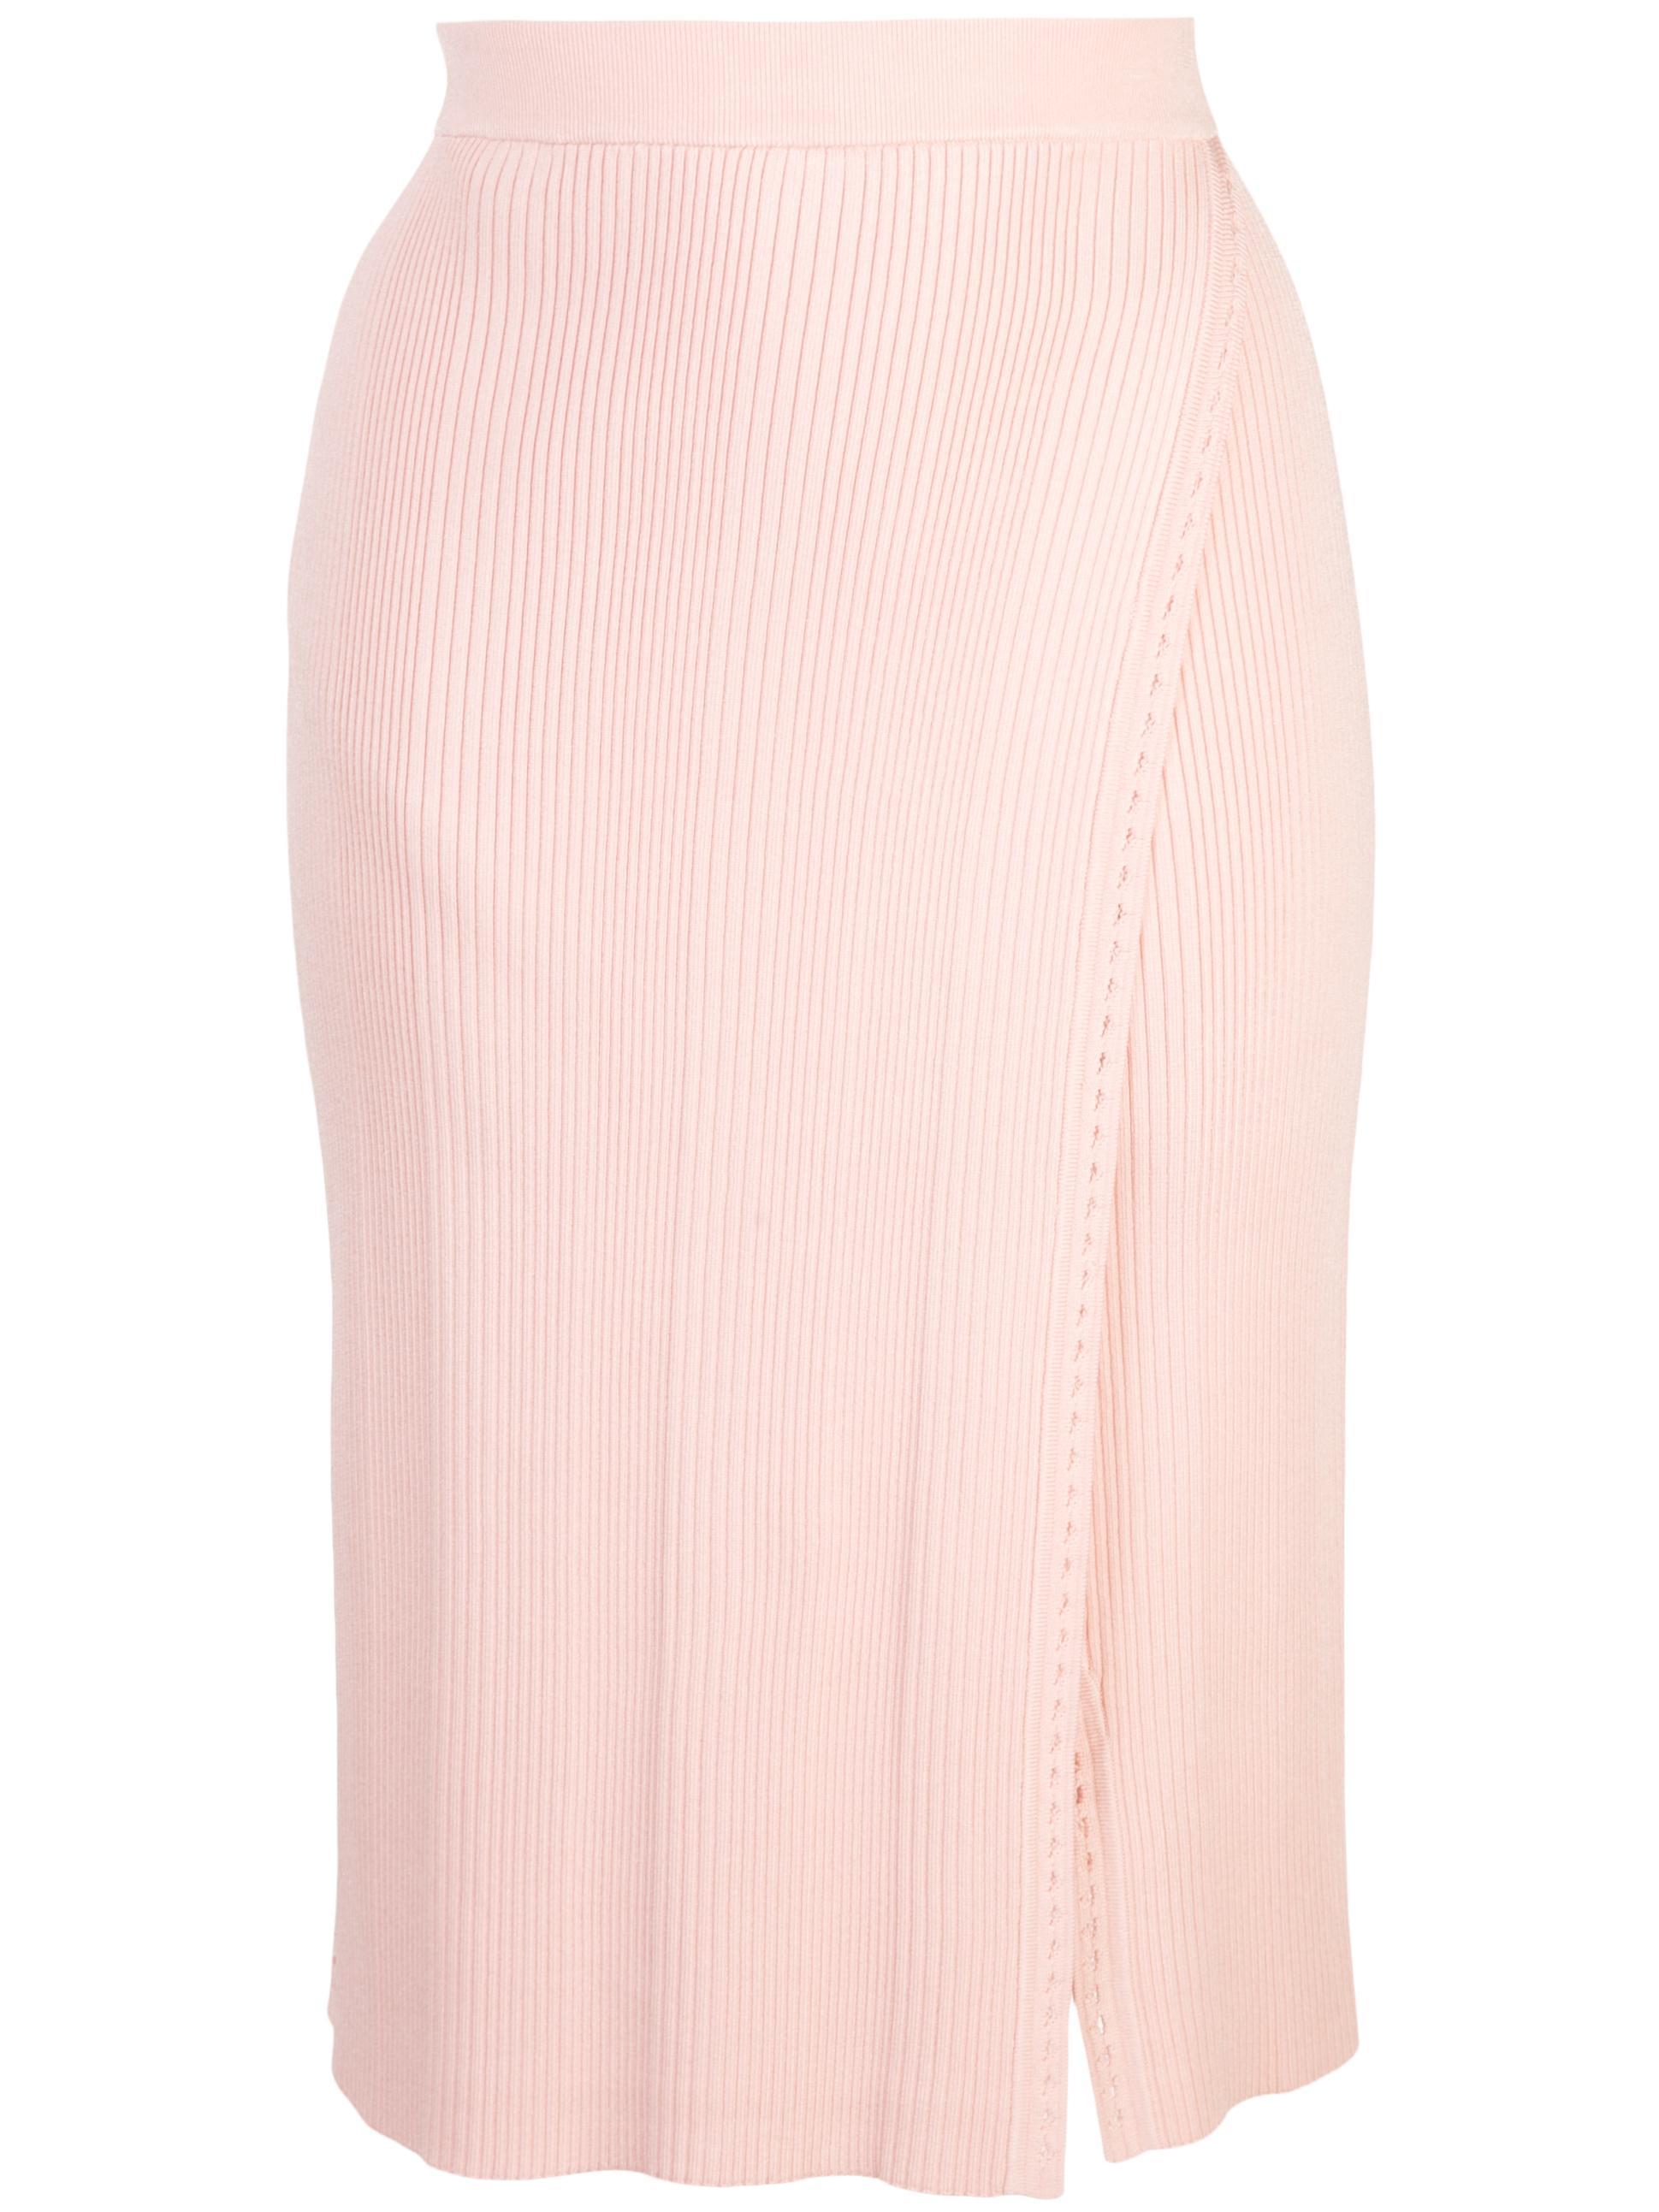 Eyelet Rib Wrap Skirt Item # Z3010-K